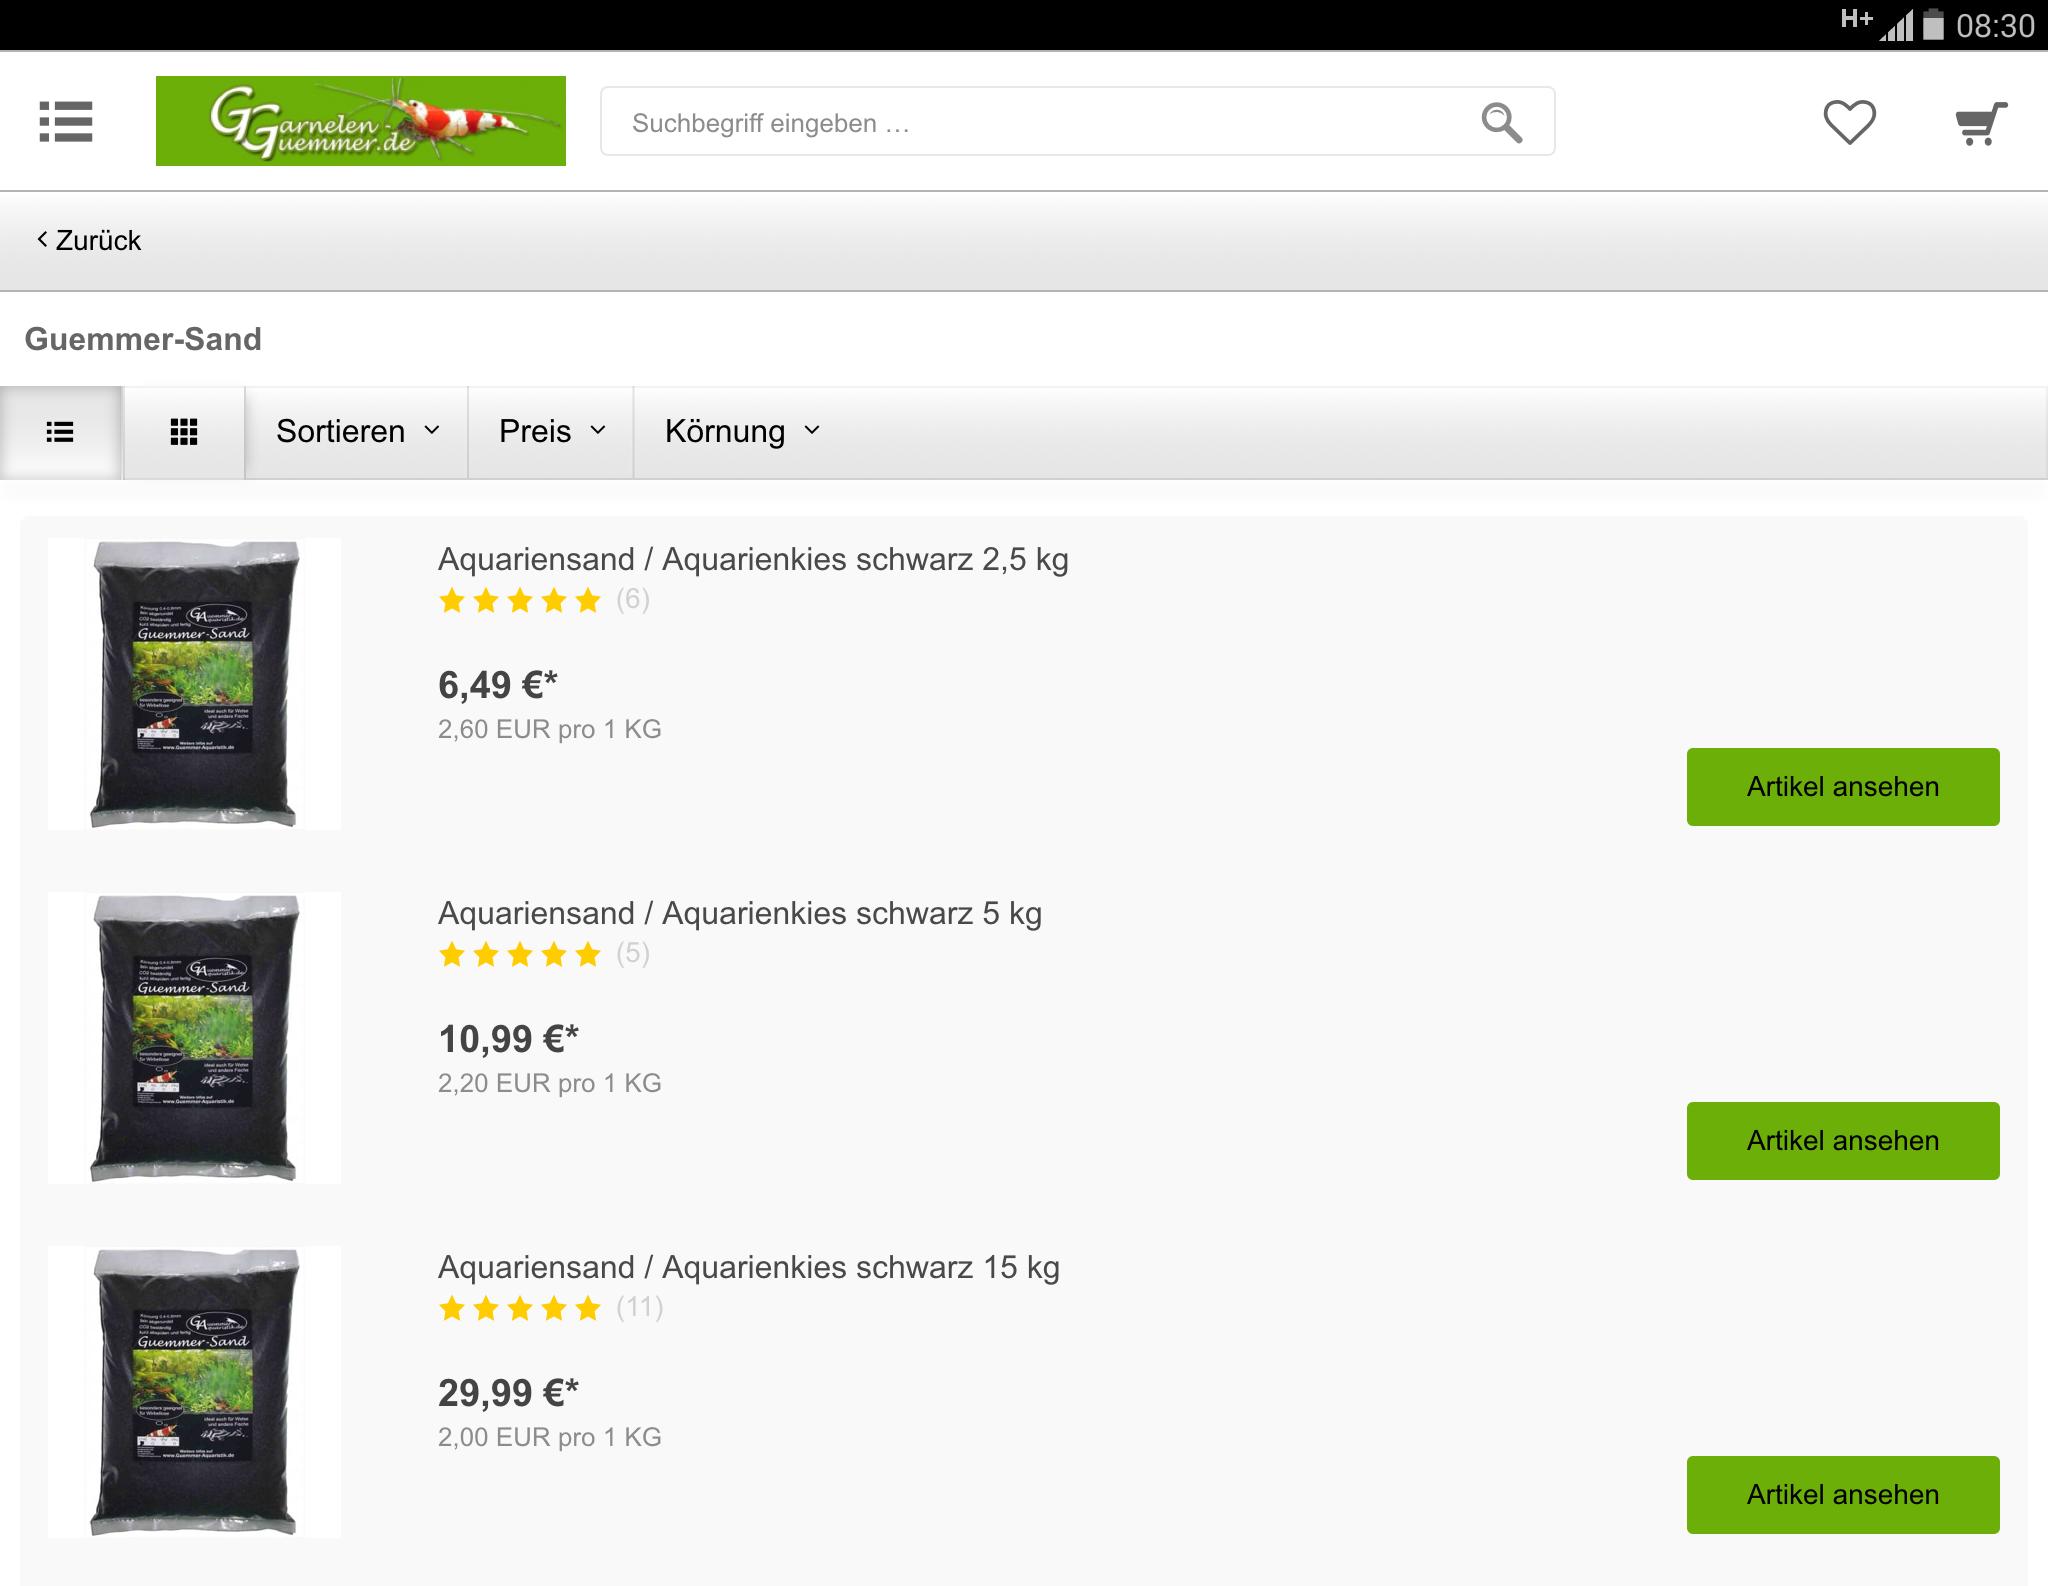 garnelen guemmer app garnelen guemmer app garnelen kaufen im garnelen shop. Black Bedroom Furniture Sets. Home Design Ideas